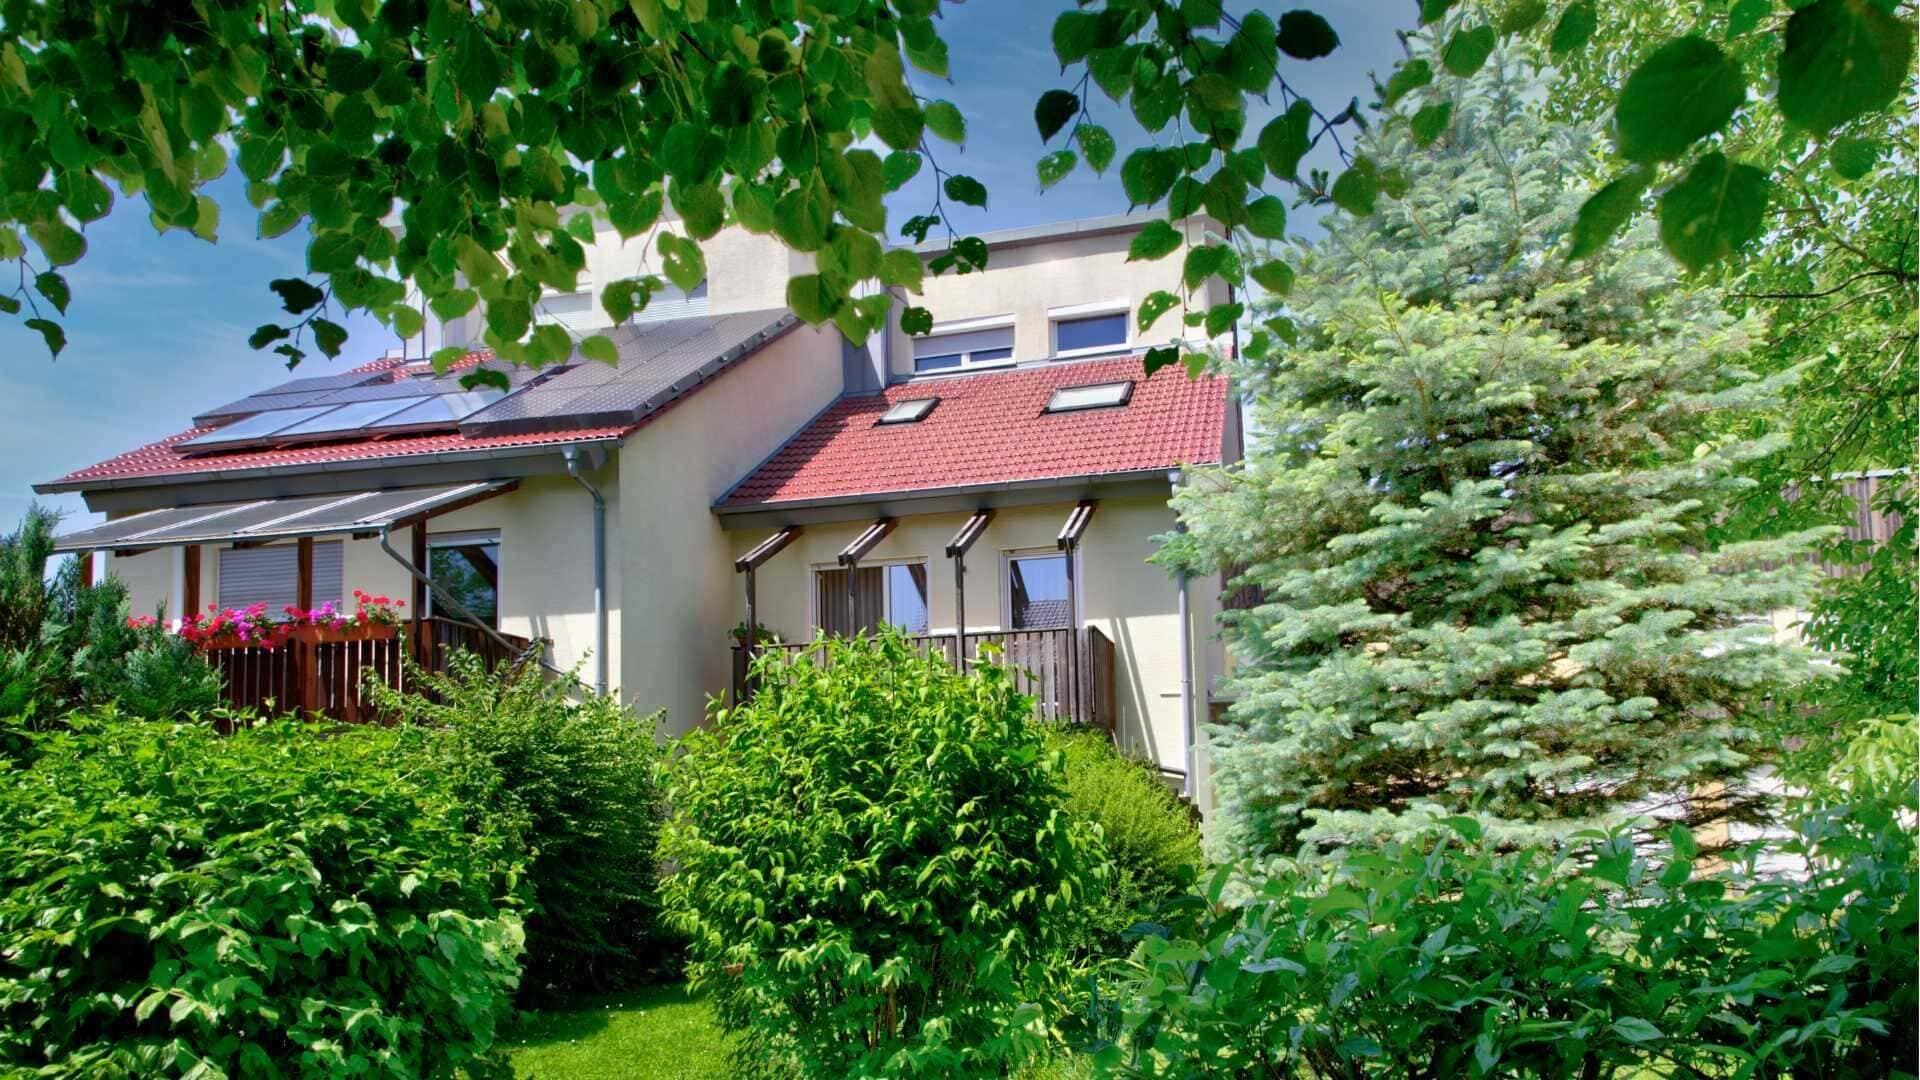 Immobiliennachfrage Puchheim